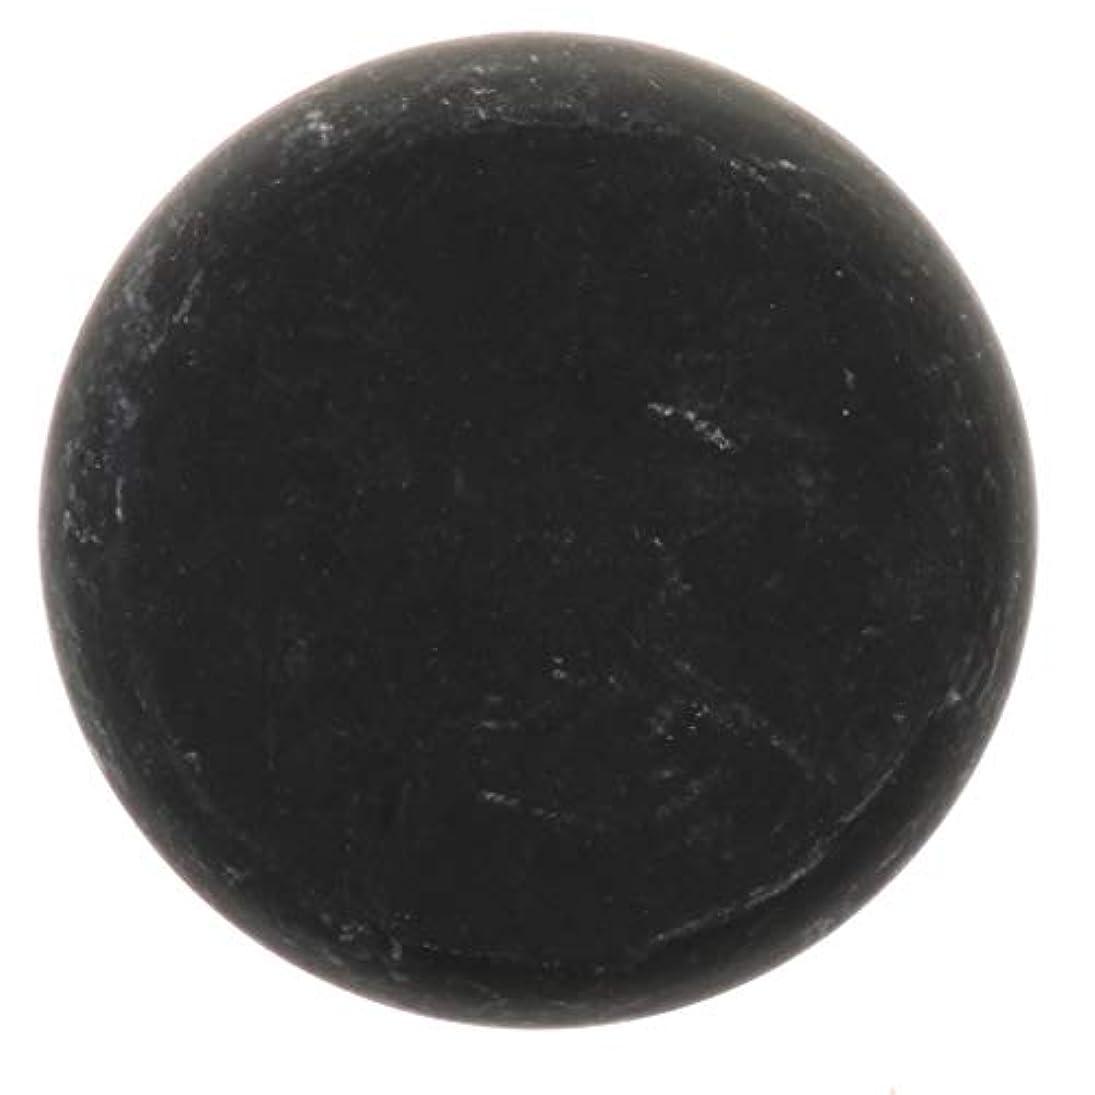 新鮮な資格情報五月FLAMEER 天然石ホットストーン マッサージ用玄武岩 マッサージストーン ボディマッサージ 実用的 全2サイズ - ブラック, 01